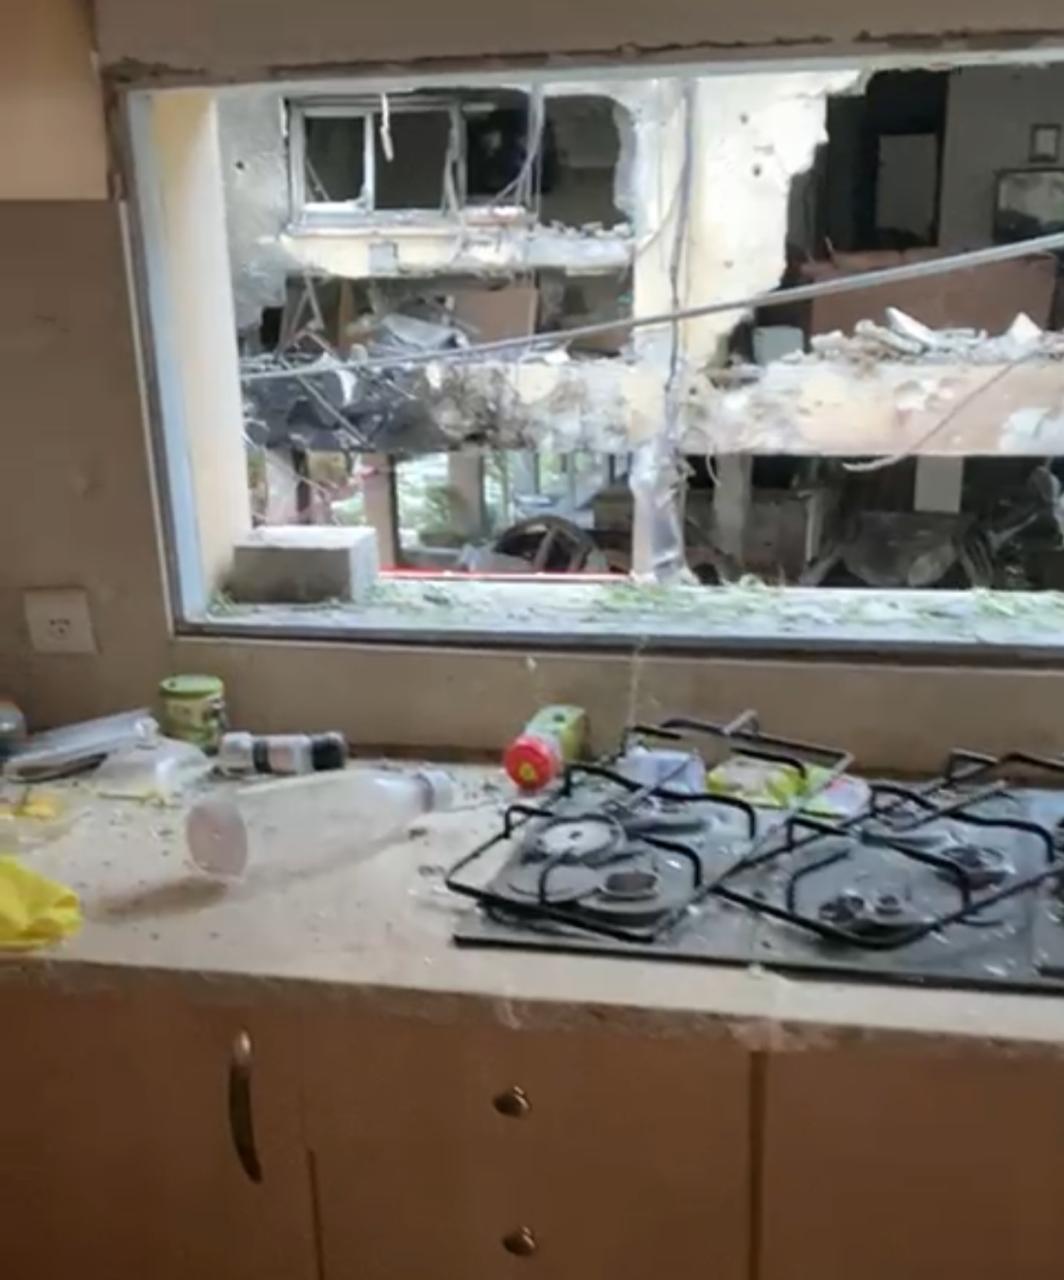 A cozinha do apartamento foi totalmente danificada. - Arquivo Pessoal/Reprodução